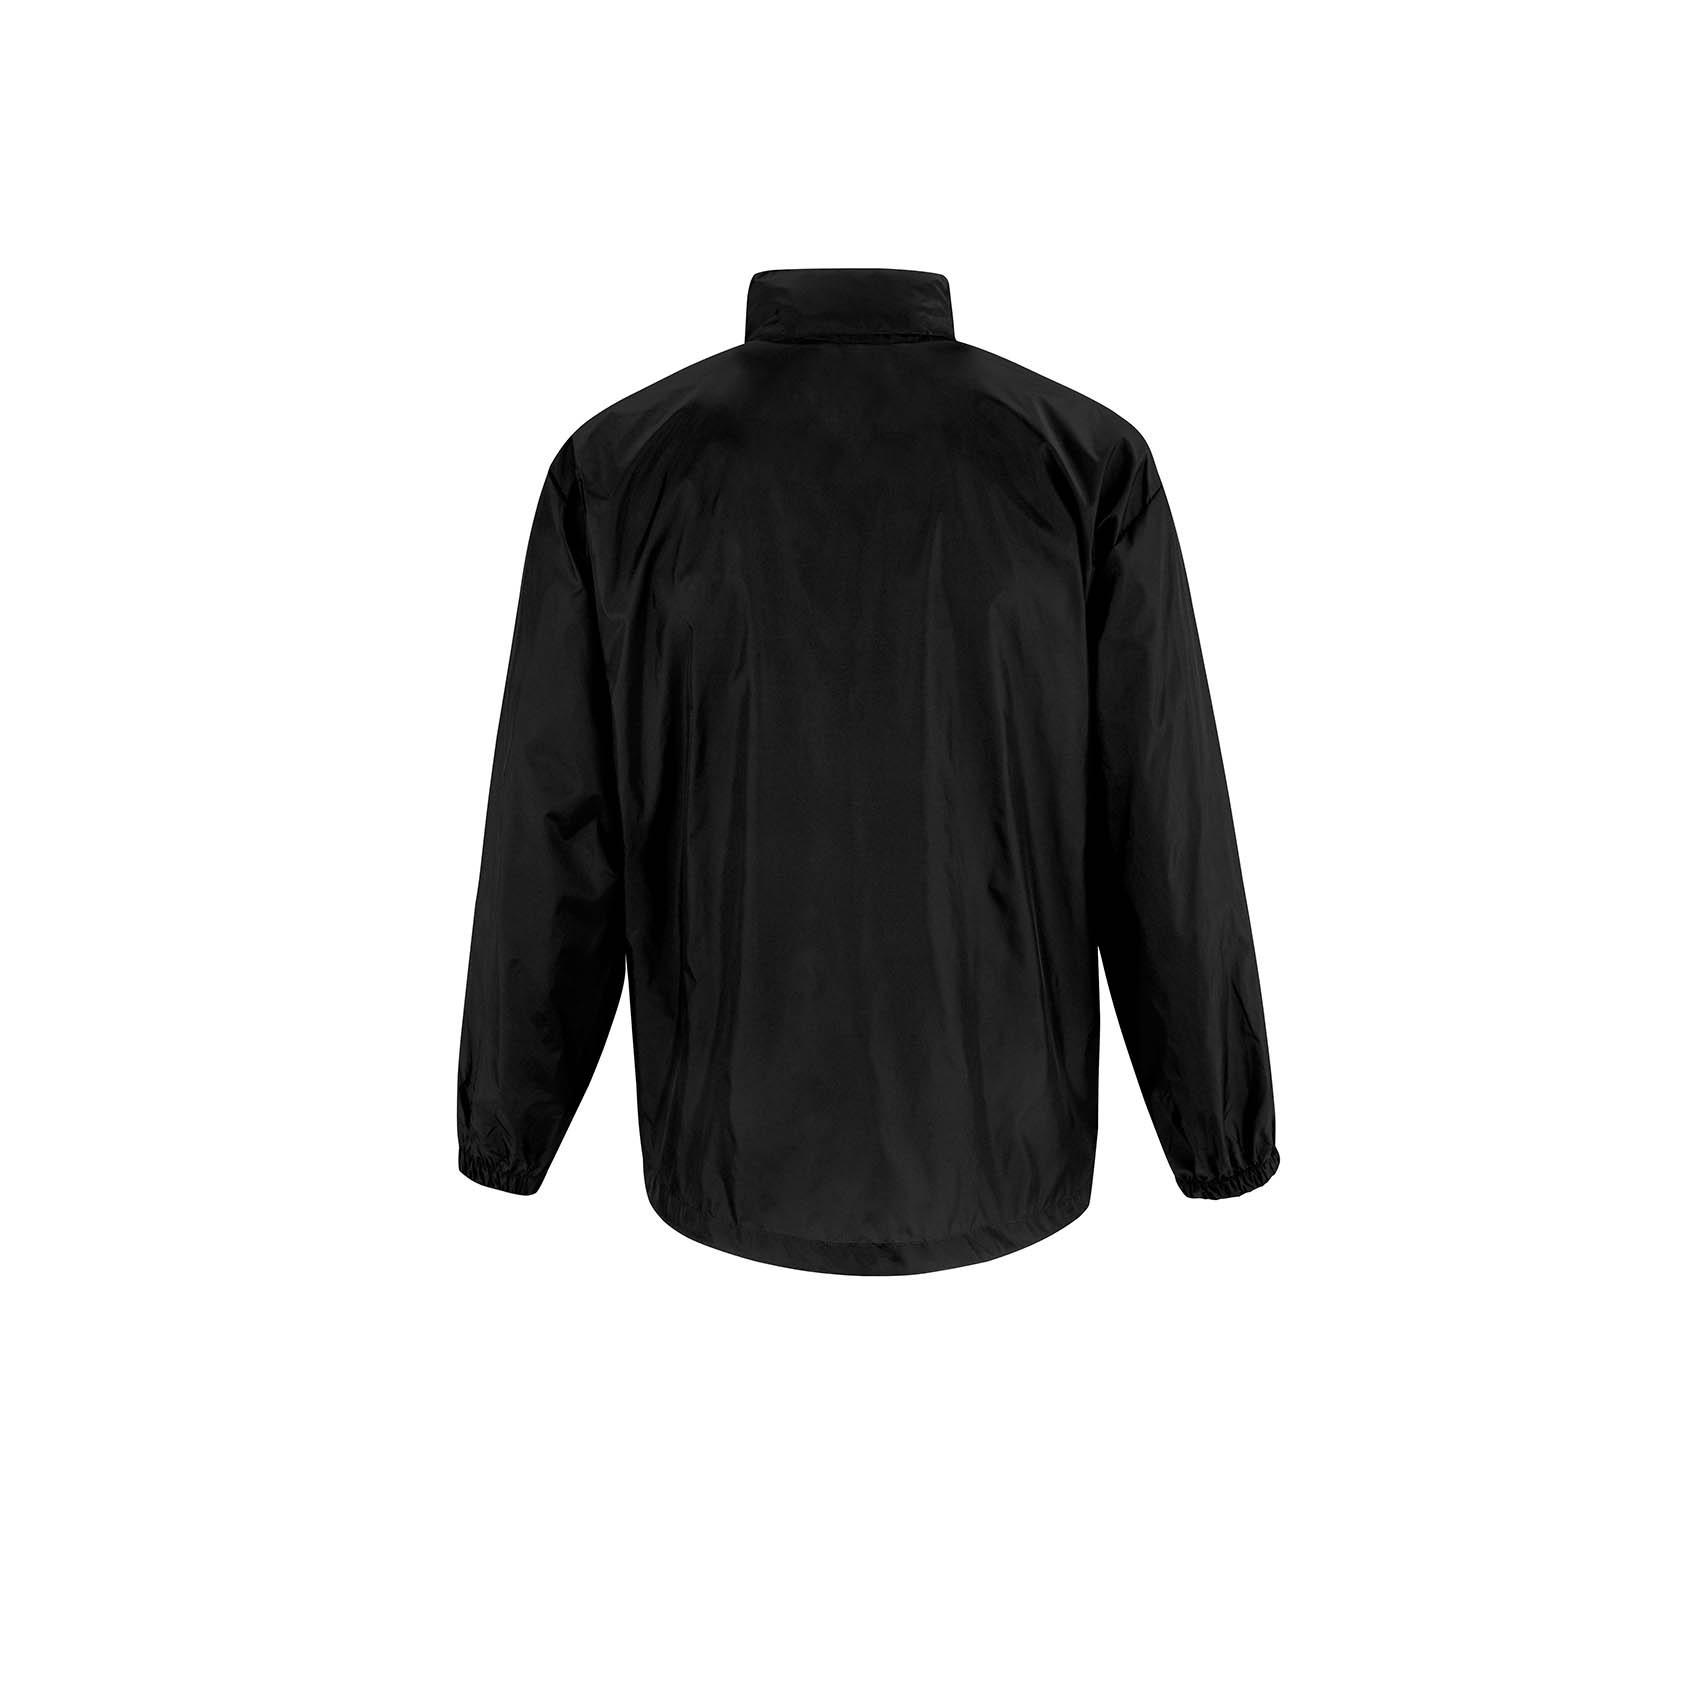 JU800 BLACK Mens Lightweight Windbreaker//Waterproof Jacket B/&C Sirocco